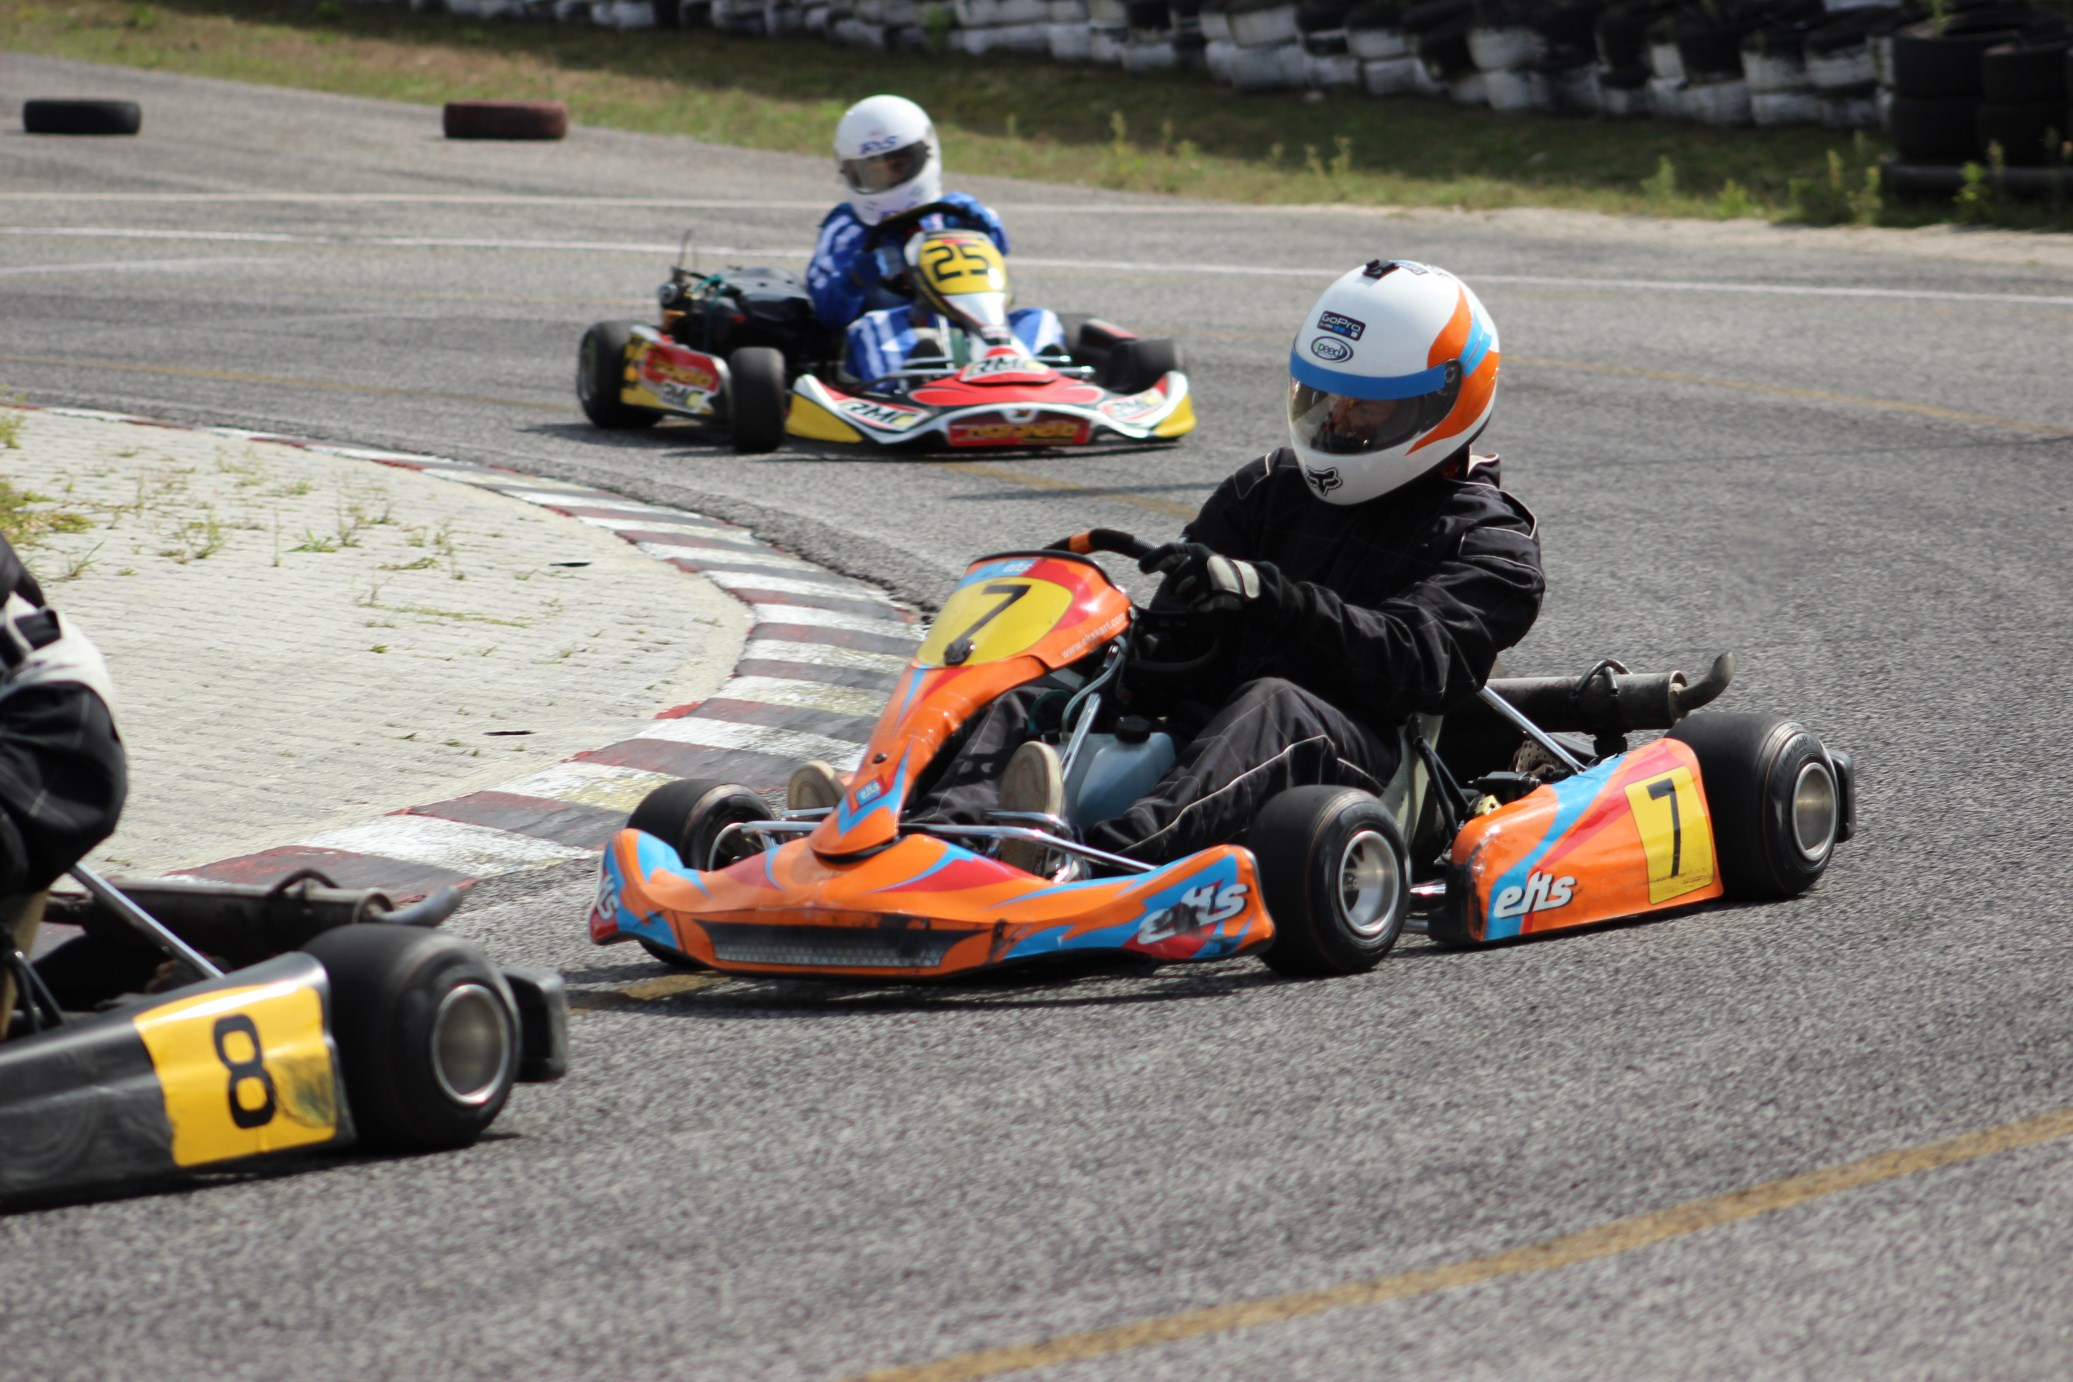 Troféu Honda 2014 - 3ª Prova161